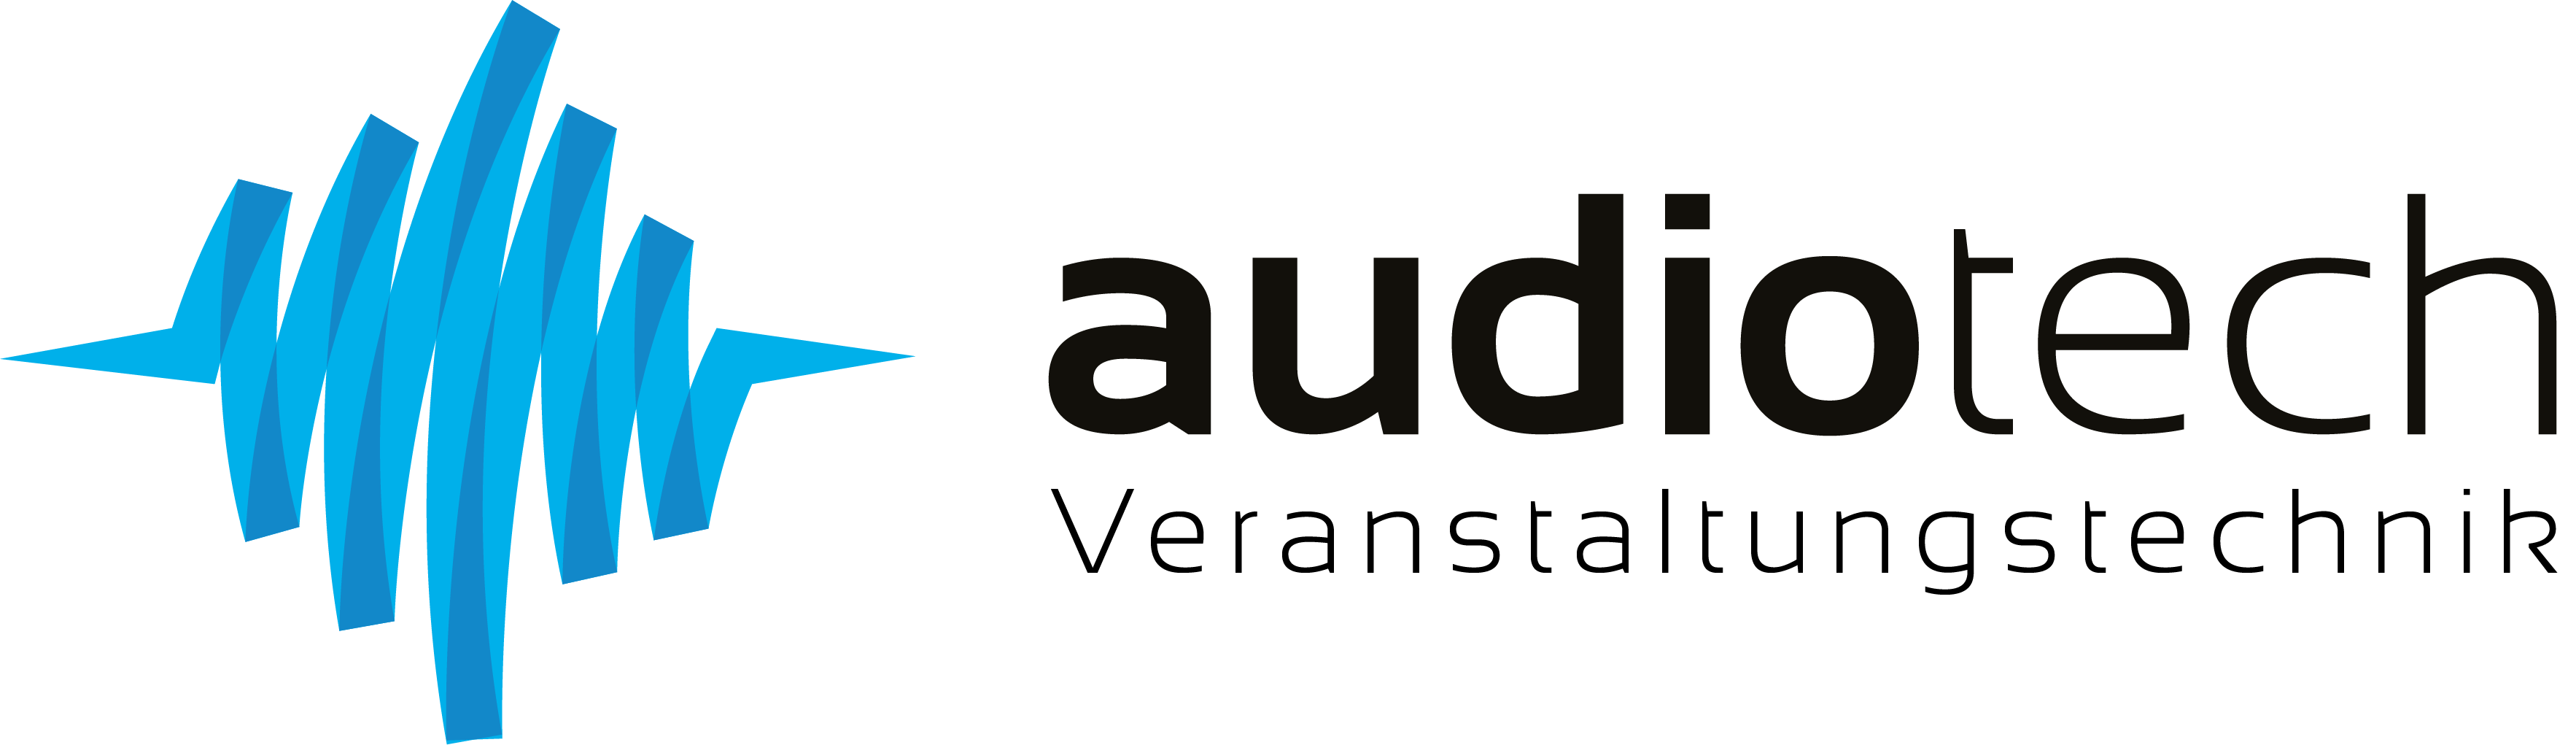 Logo der audiotech